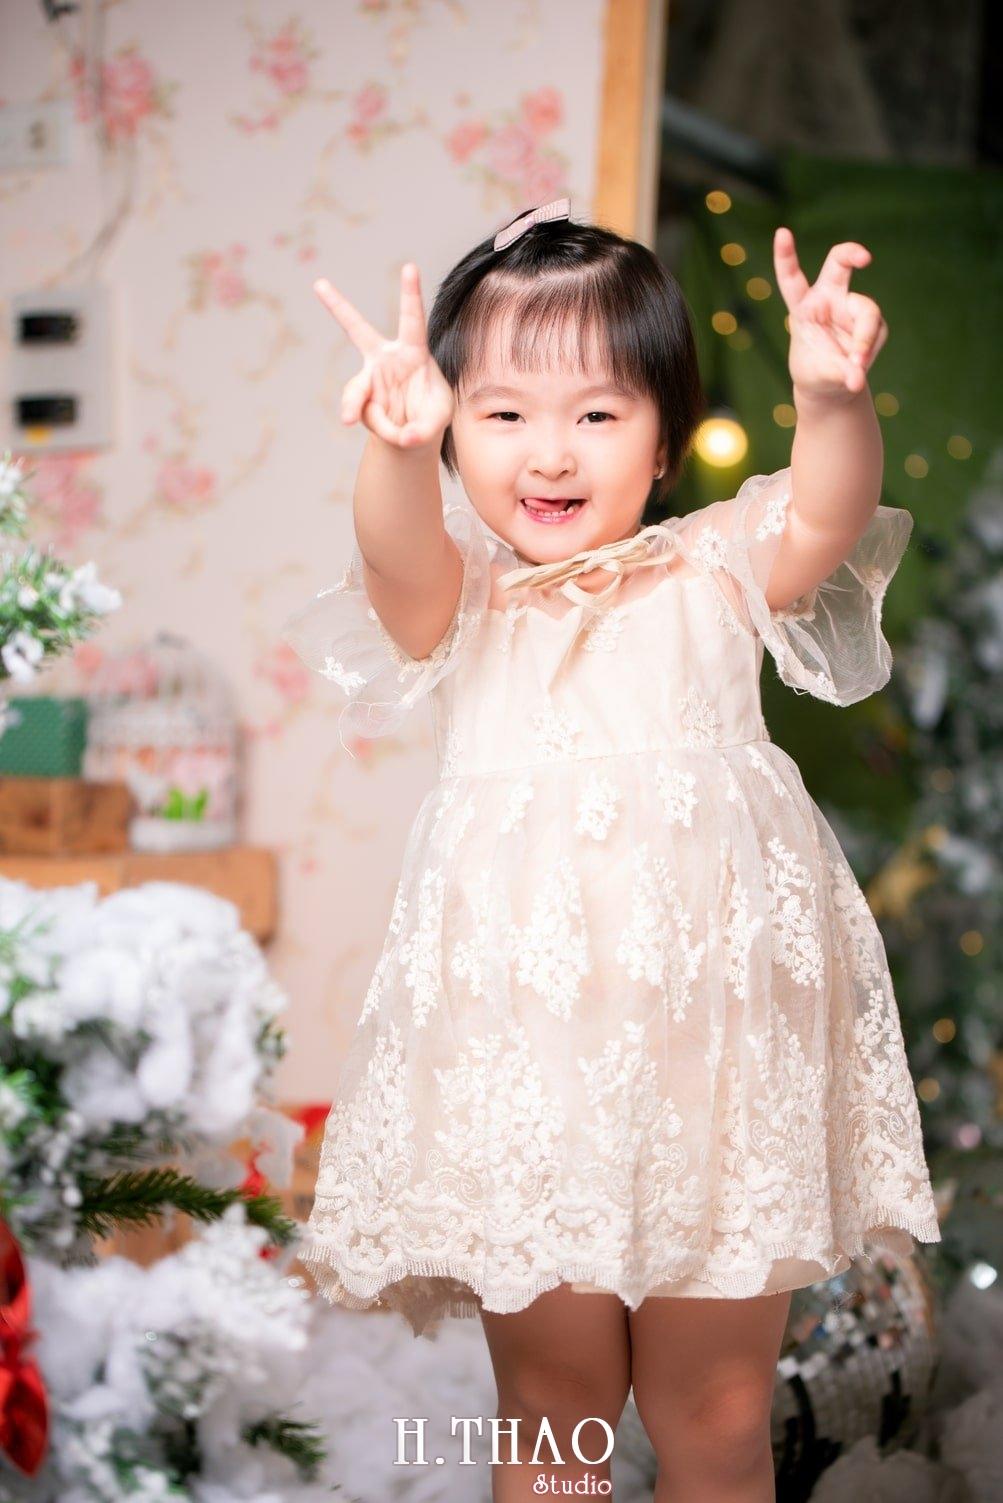 Anh be noel 14 - Album ảnh noel chụp cho con gái cưng chị Linh - HThao Studio